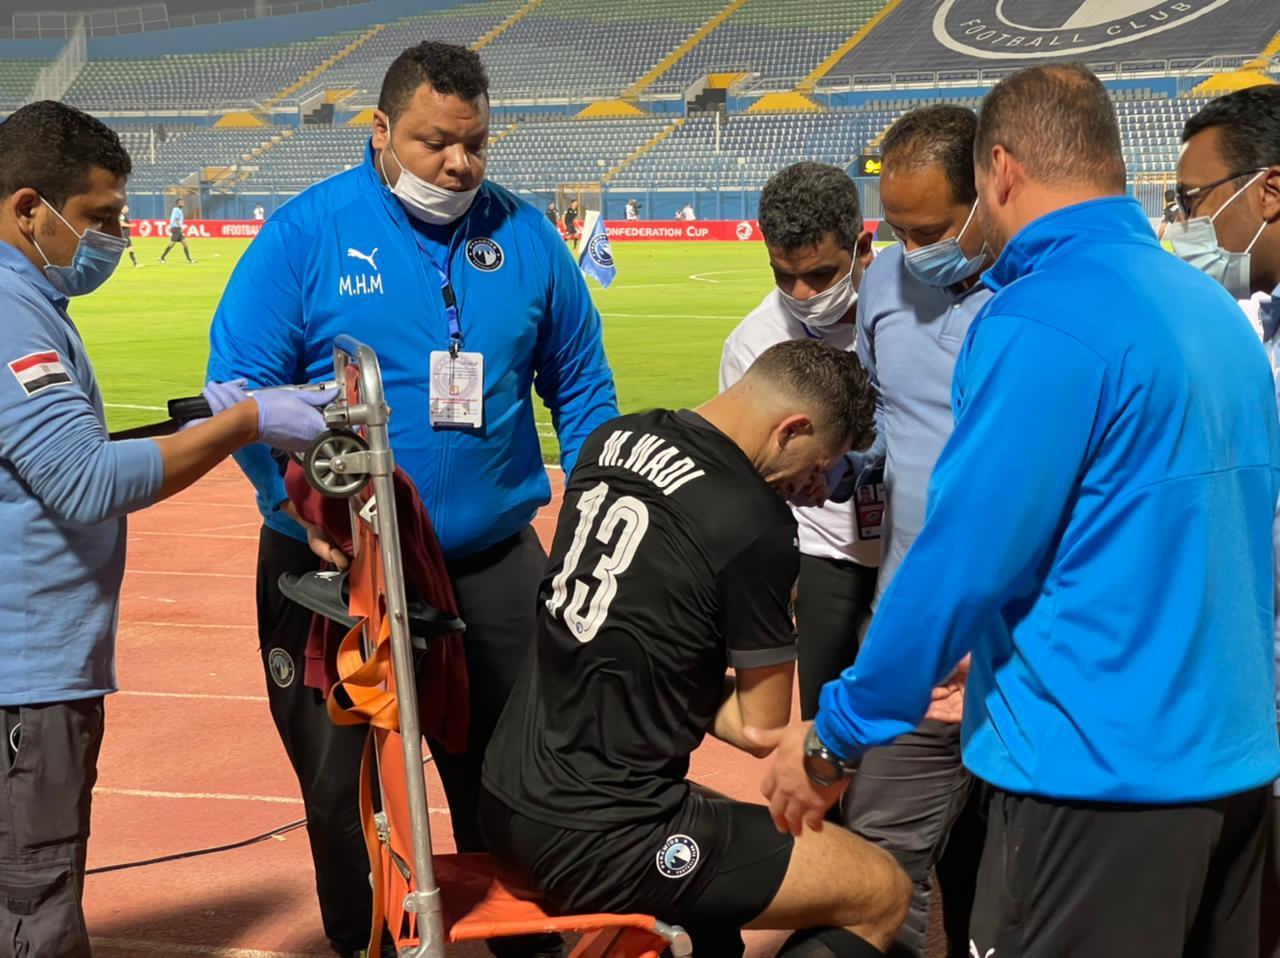 محمود وادى خلال الخروج من المباراة